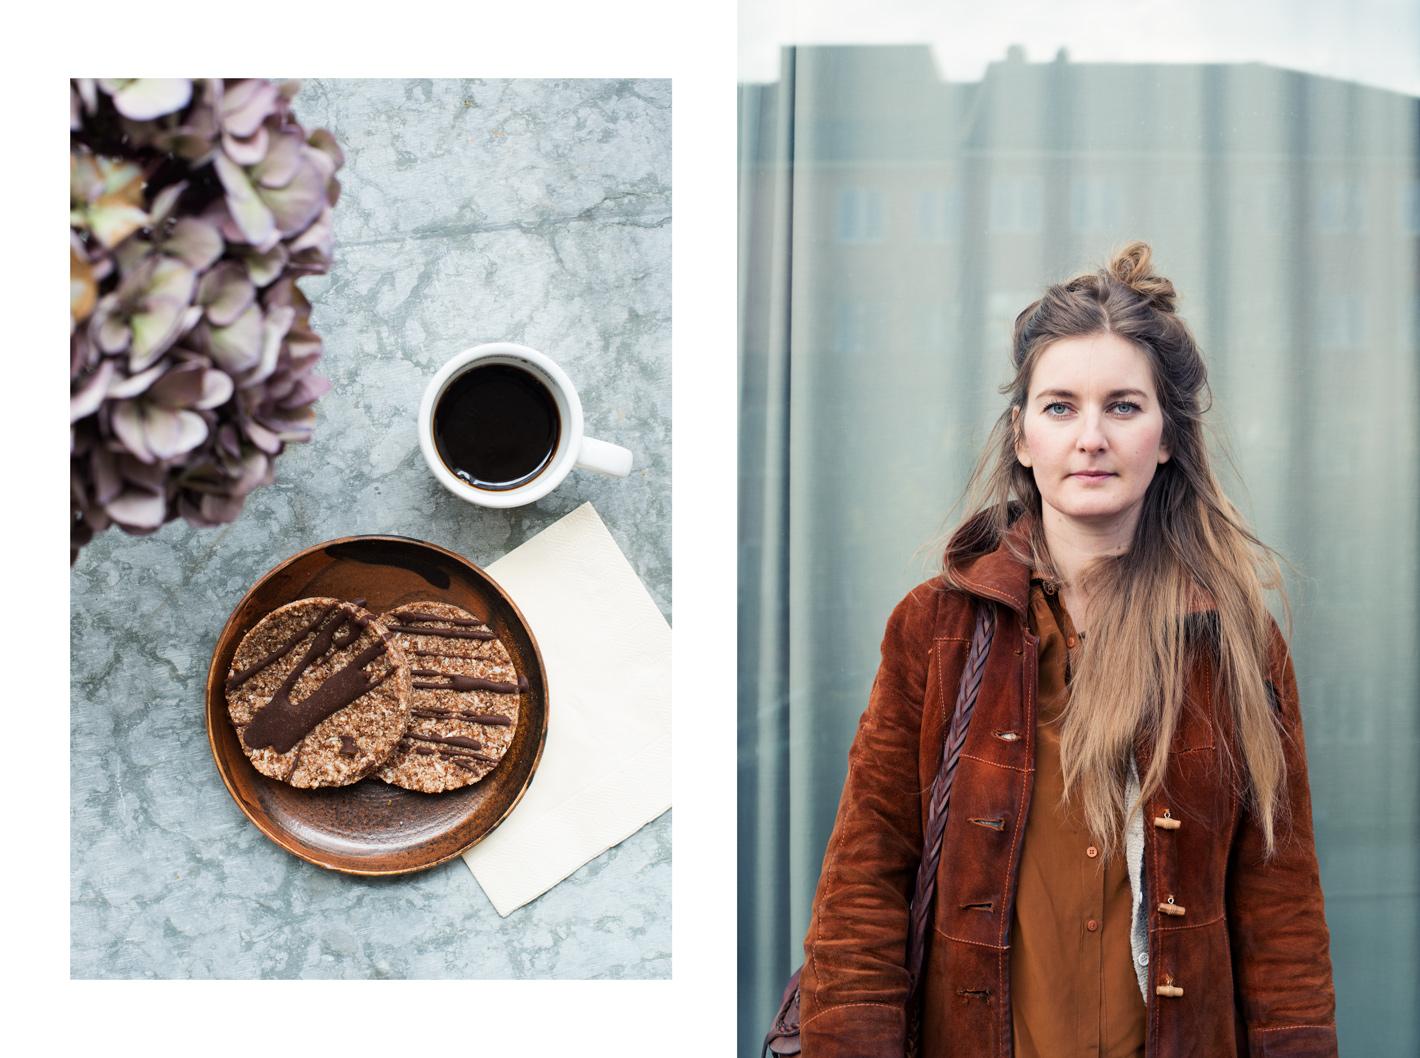 Erika Billysdotter Green Sweets & Treats Published by   Nygren & Nygren